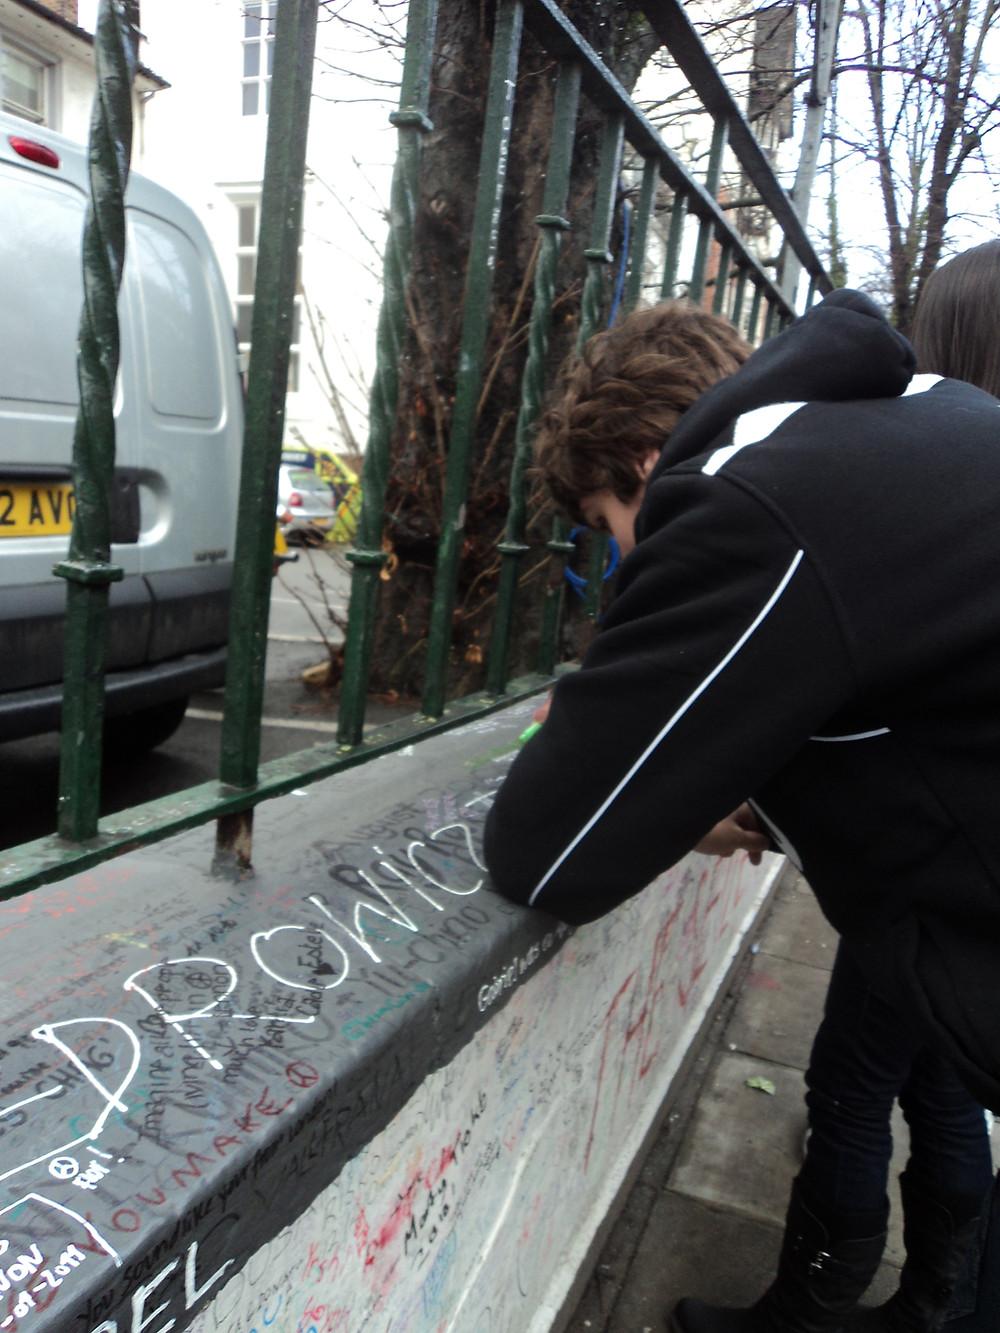 Escrevendo no muro da Abbey Road Studio